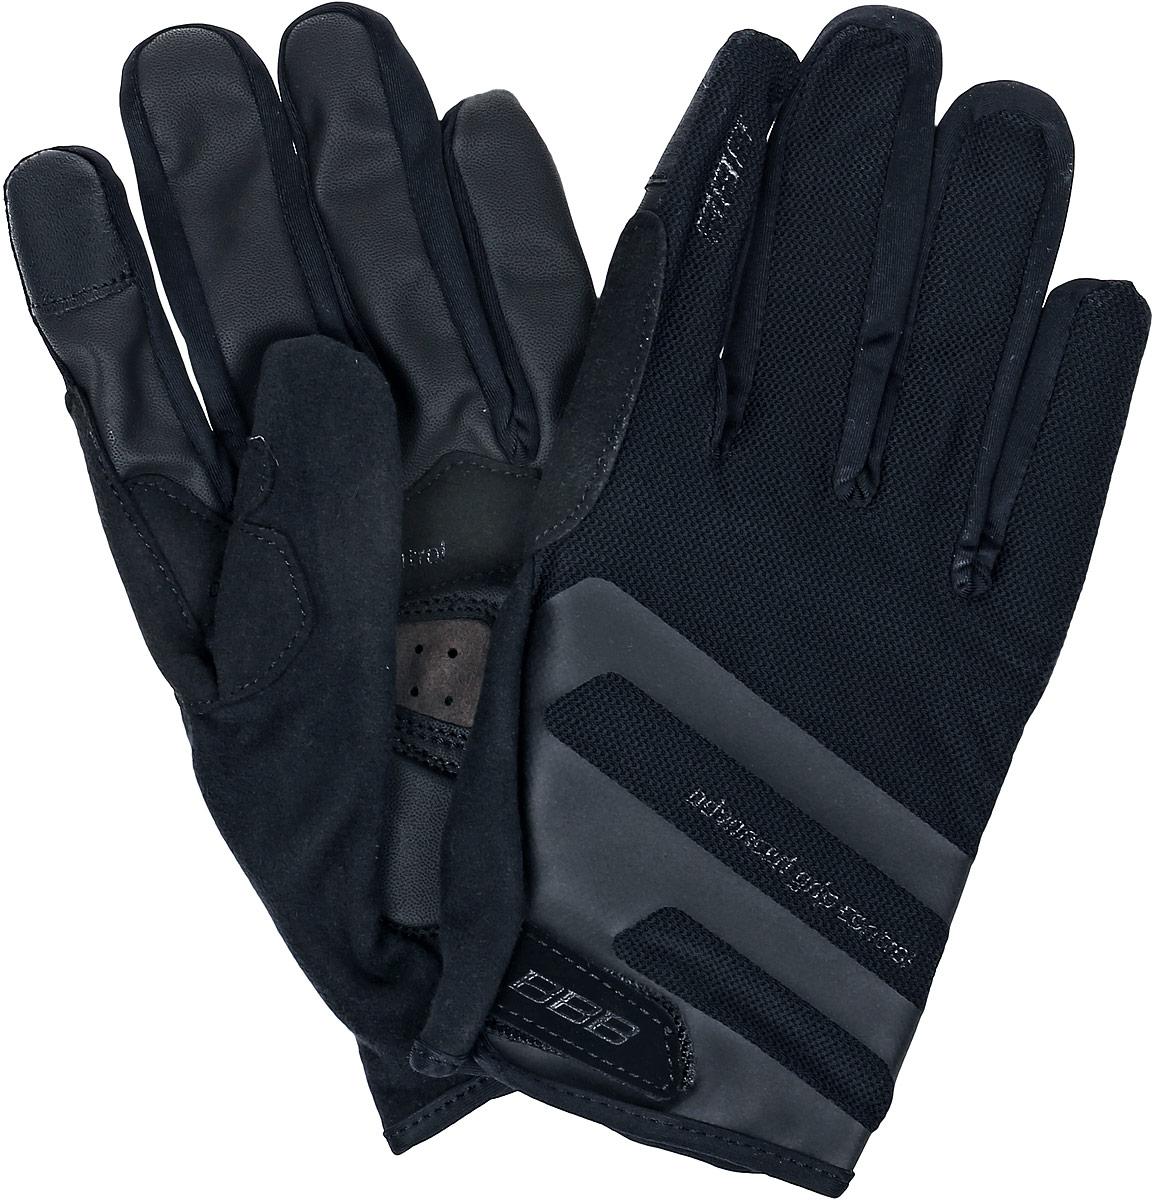 Перчатки велосипедные BBB AirZone, цвет: черный. Размер XXLBBW-50Когда трейлы накаляются от зноя, перчатки Airzone - ваш лучший выбор. Эти перчатки с длинными пальцами снабжены тыльной стороной из сетчатого материала и вентилируемой ладонью с полиуретановыми вставками для крепкого хвата. Гелевые вставки предупреждают усталость и защищают при падениях. Большой и указательный пальцы дополнительно защищены материалом Clarino. Сетчатая структура верхней части обеспечивает хорошую вентиляцию. Такие перчатки идеальны при эксплуатации в условиях высоких температур. Тыльная сторона из сетчатого материала Airmesh. Перфорированная ладонь с вставками из полиуретана для надёжного хвата. Манжета анатомического кроя дополнена застёжкой-липучкой. Состав: 28% полиамид, 24% полиуретан, 21% полиэстер, 15% эластан, 12% полиэтилен.